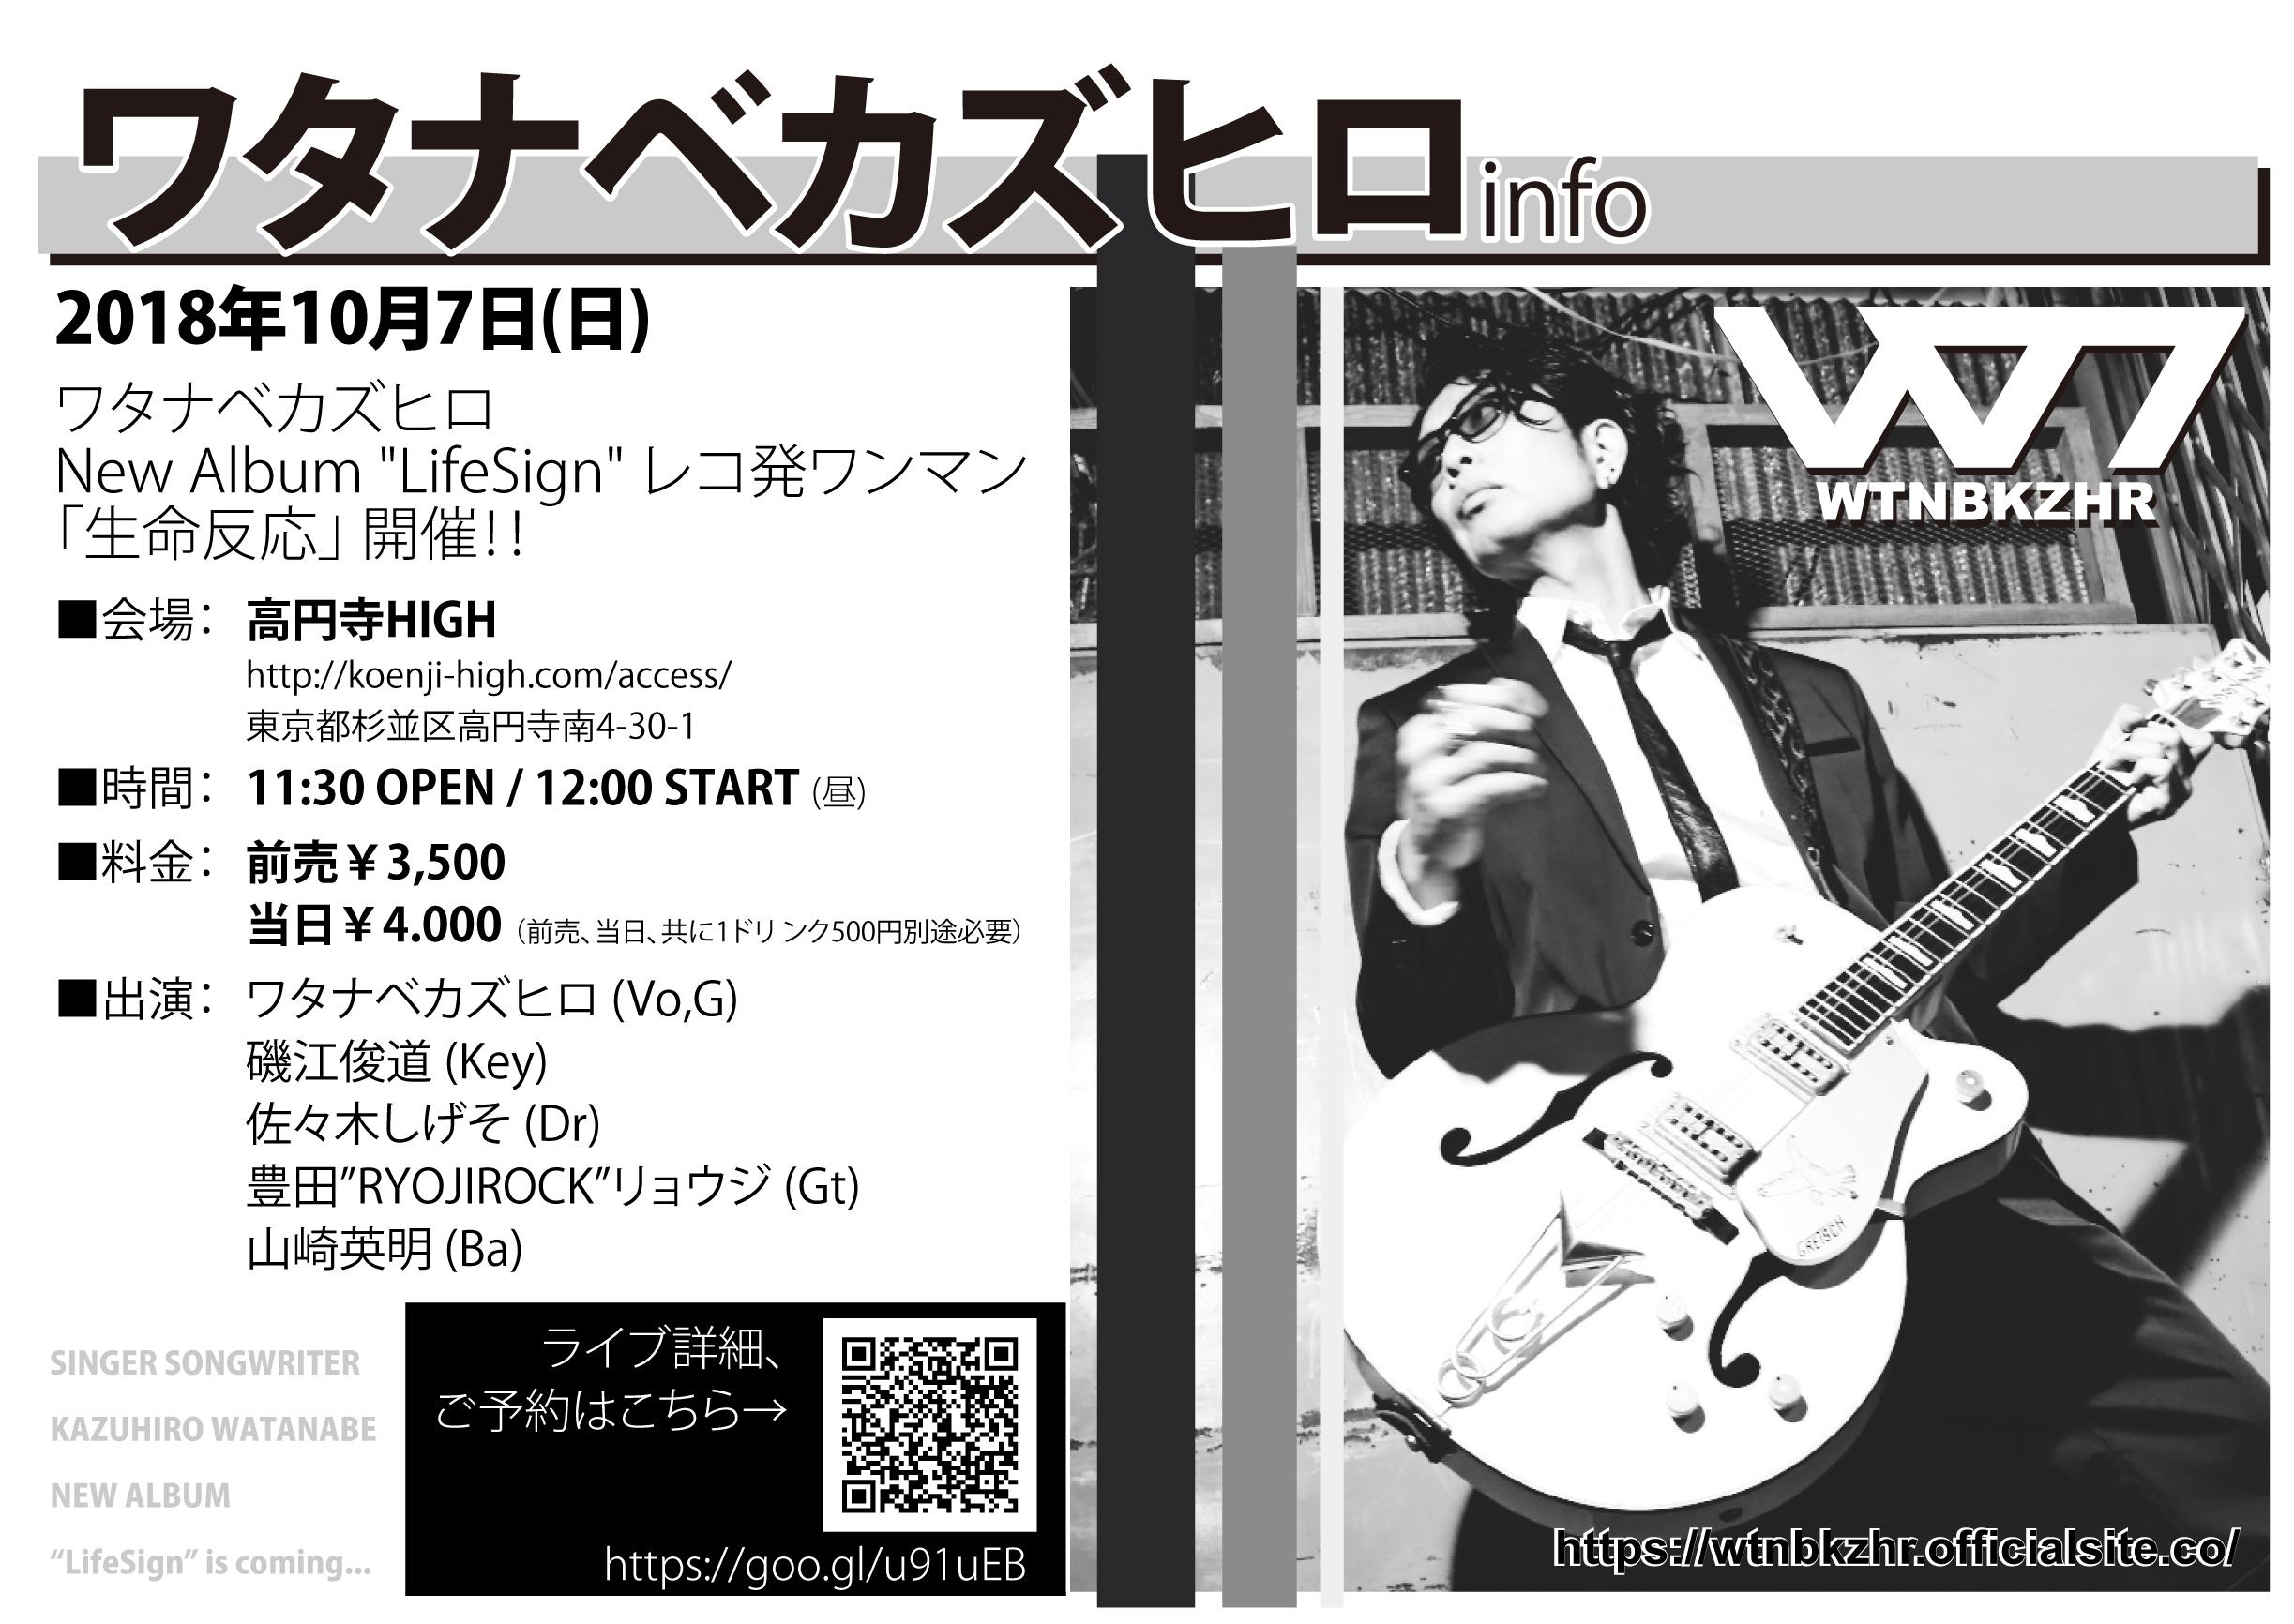 アルバム lifesign 楽曲 ワタナベカズヒロofficial site